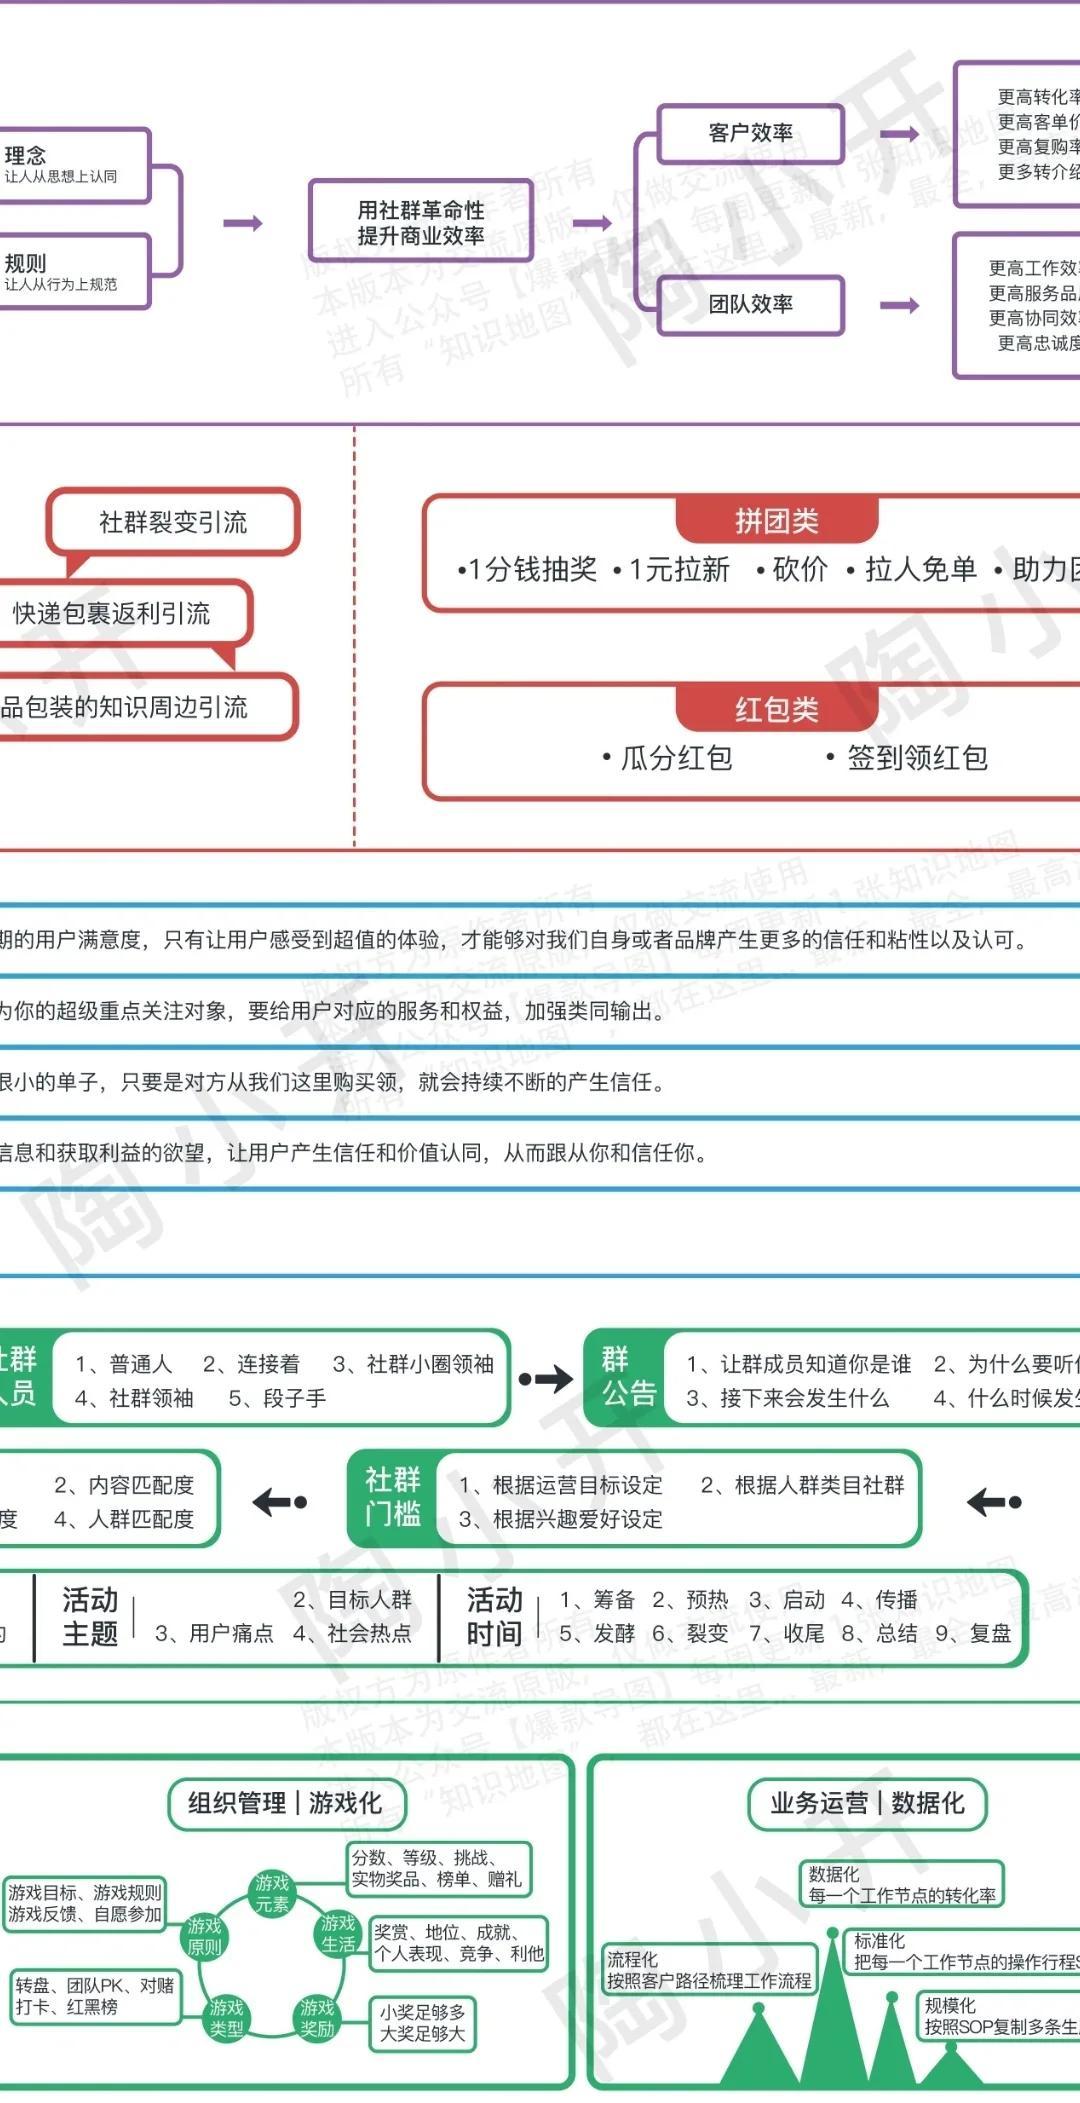 2021私域流量认知图谱,7个方面搭建完整体系